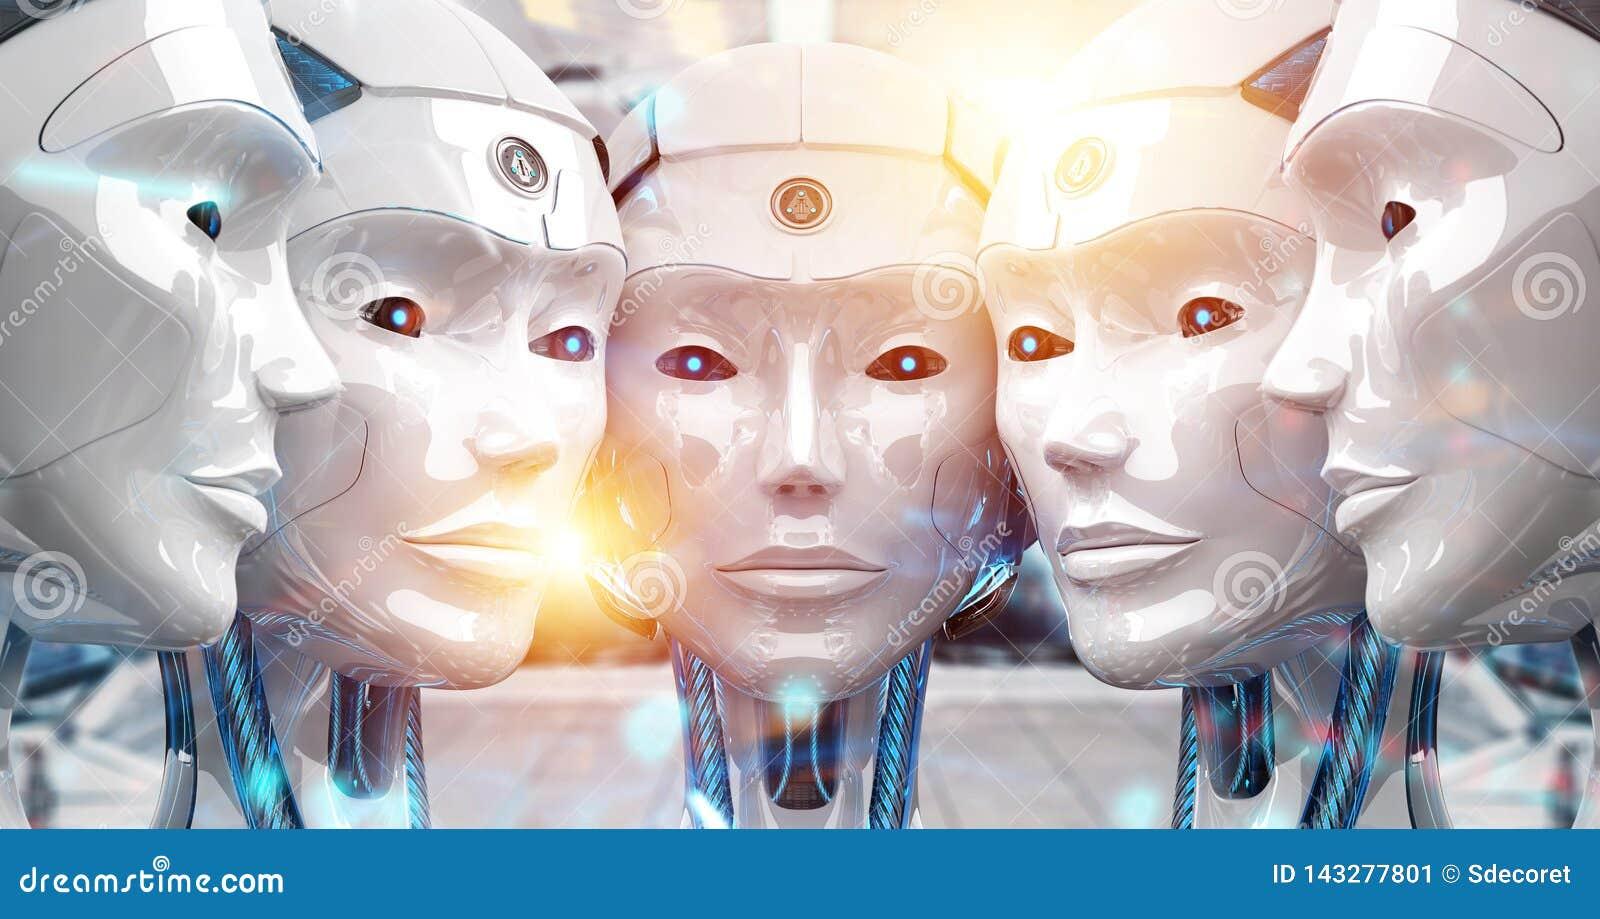 Groep vrouwelijke robots dicht bij elke anderen cyborg legerconcept het 3d teruggeven